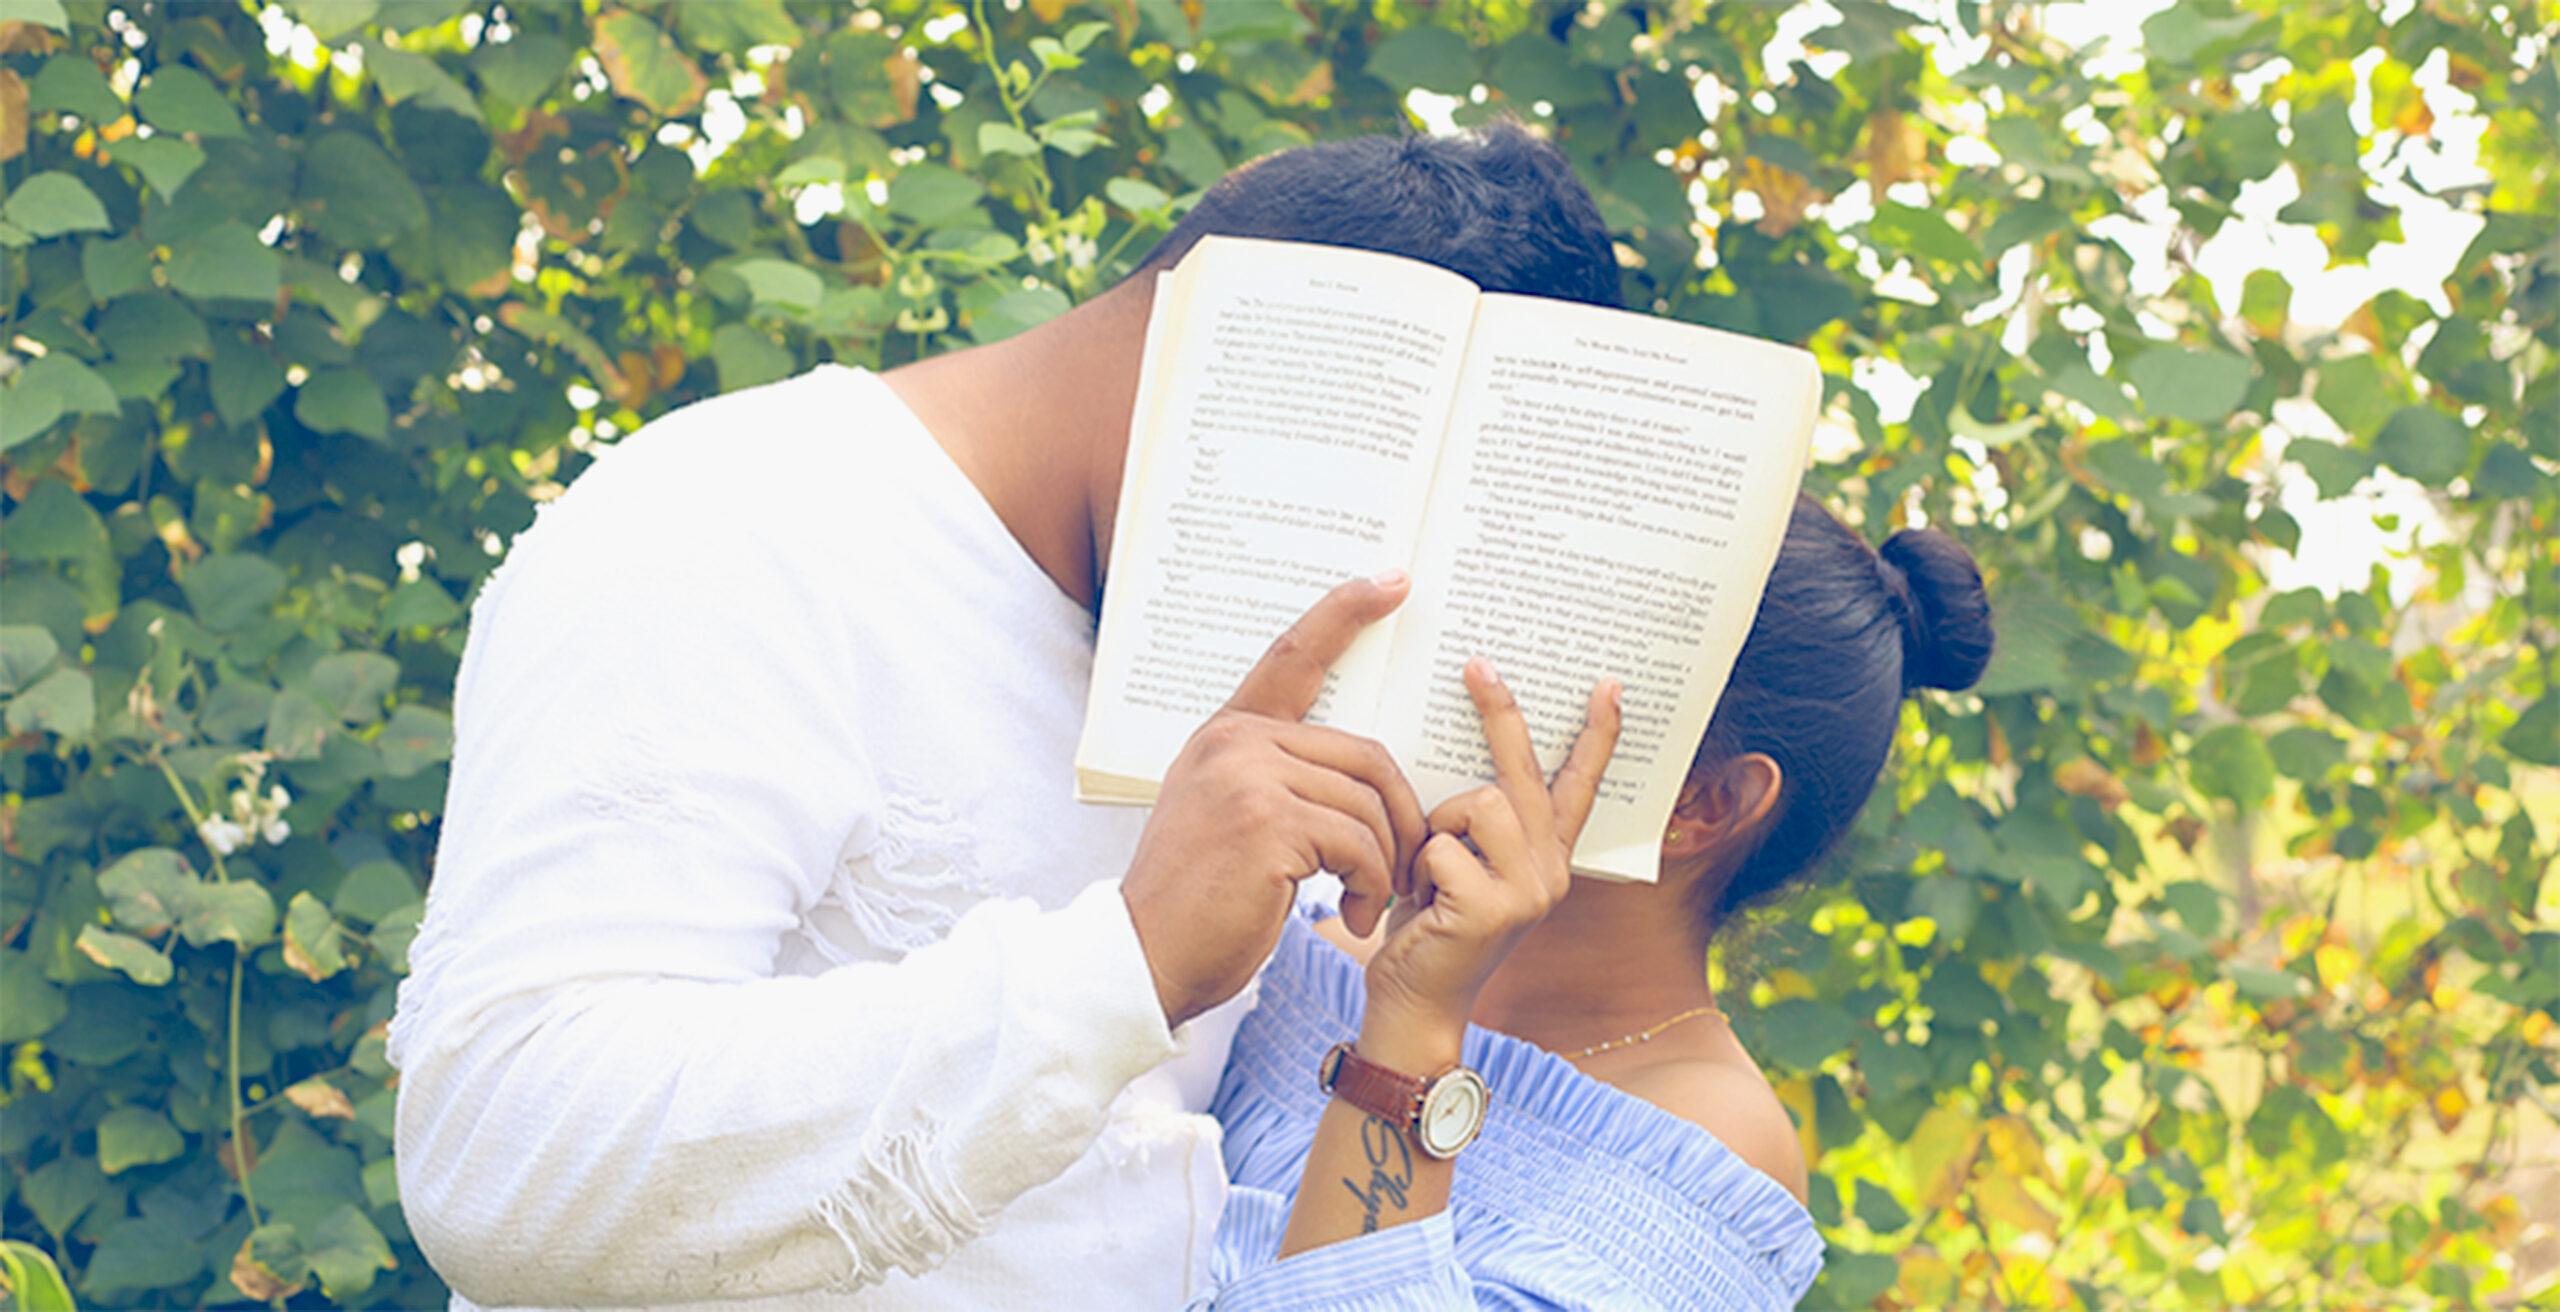 Shyam + Vruti Prewedding Photoshoot